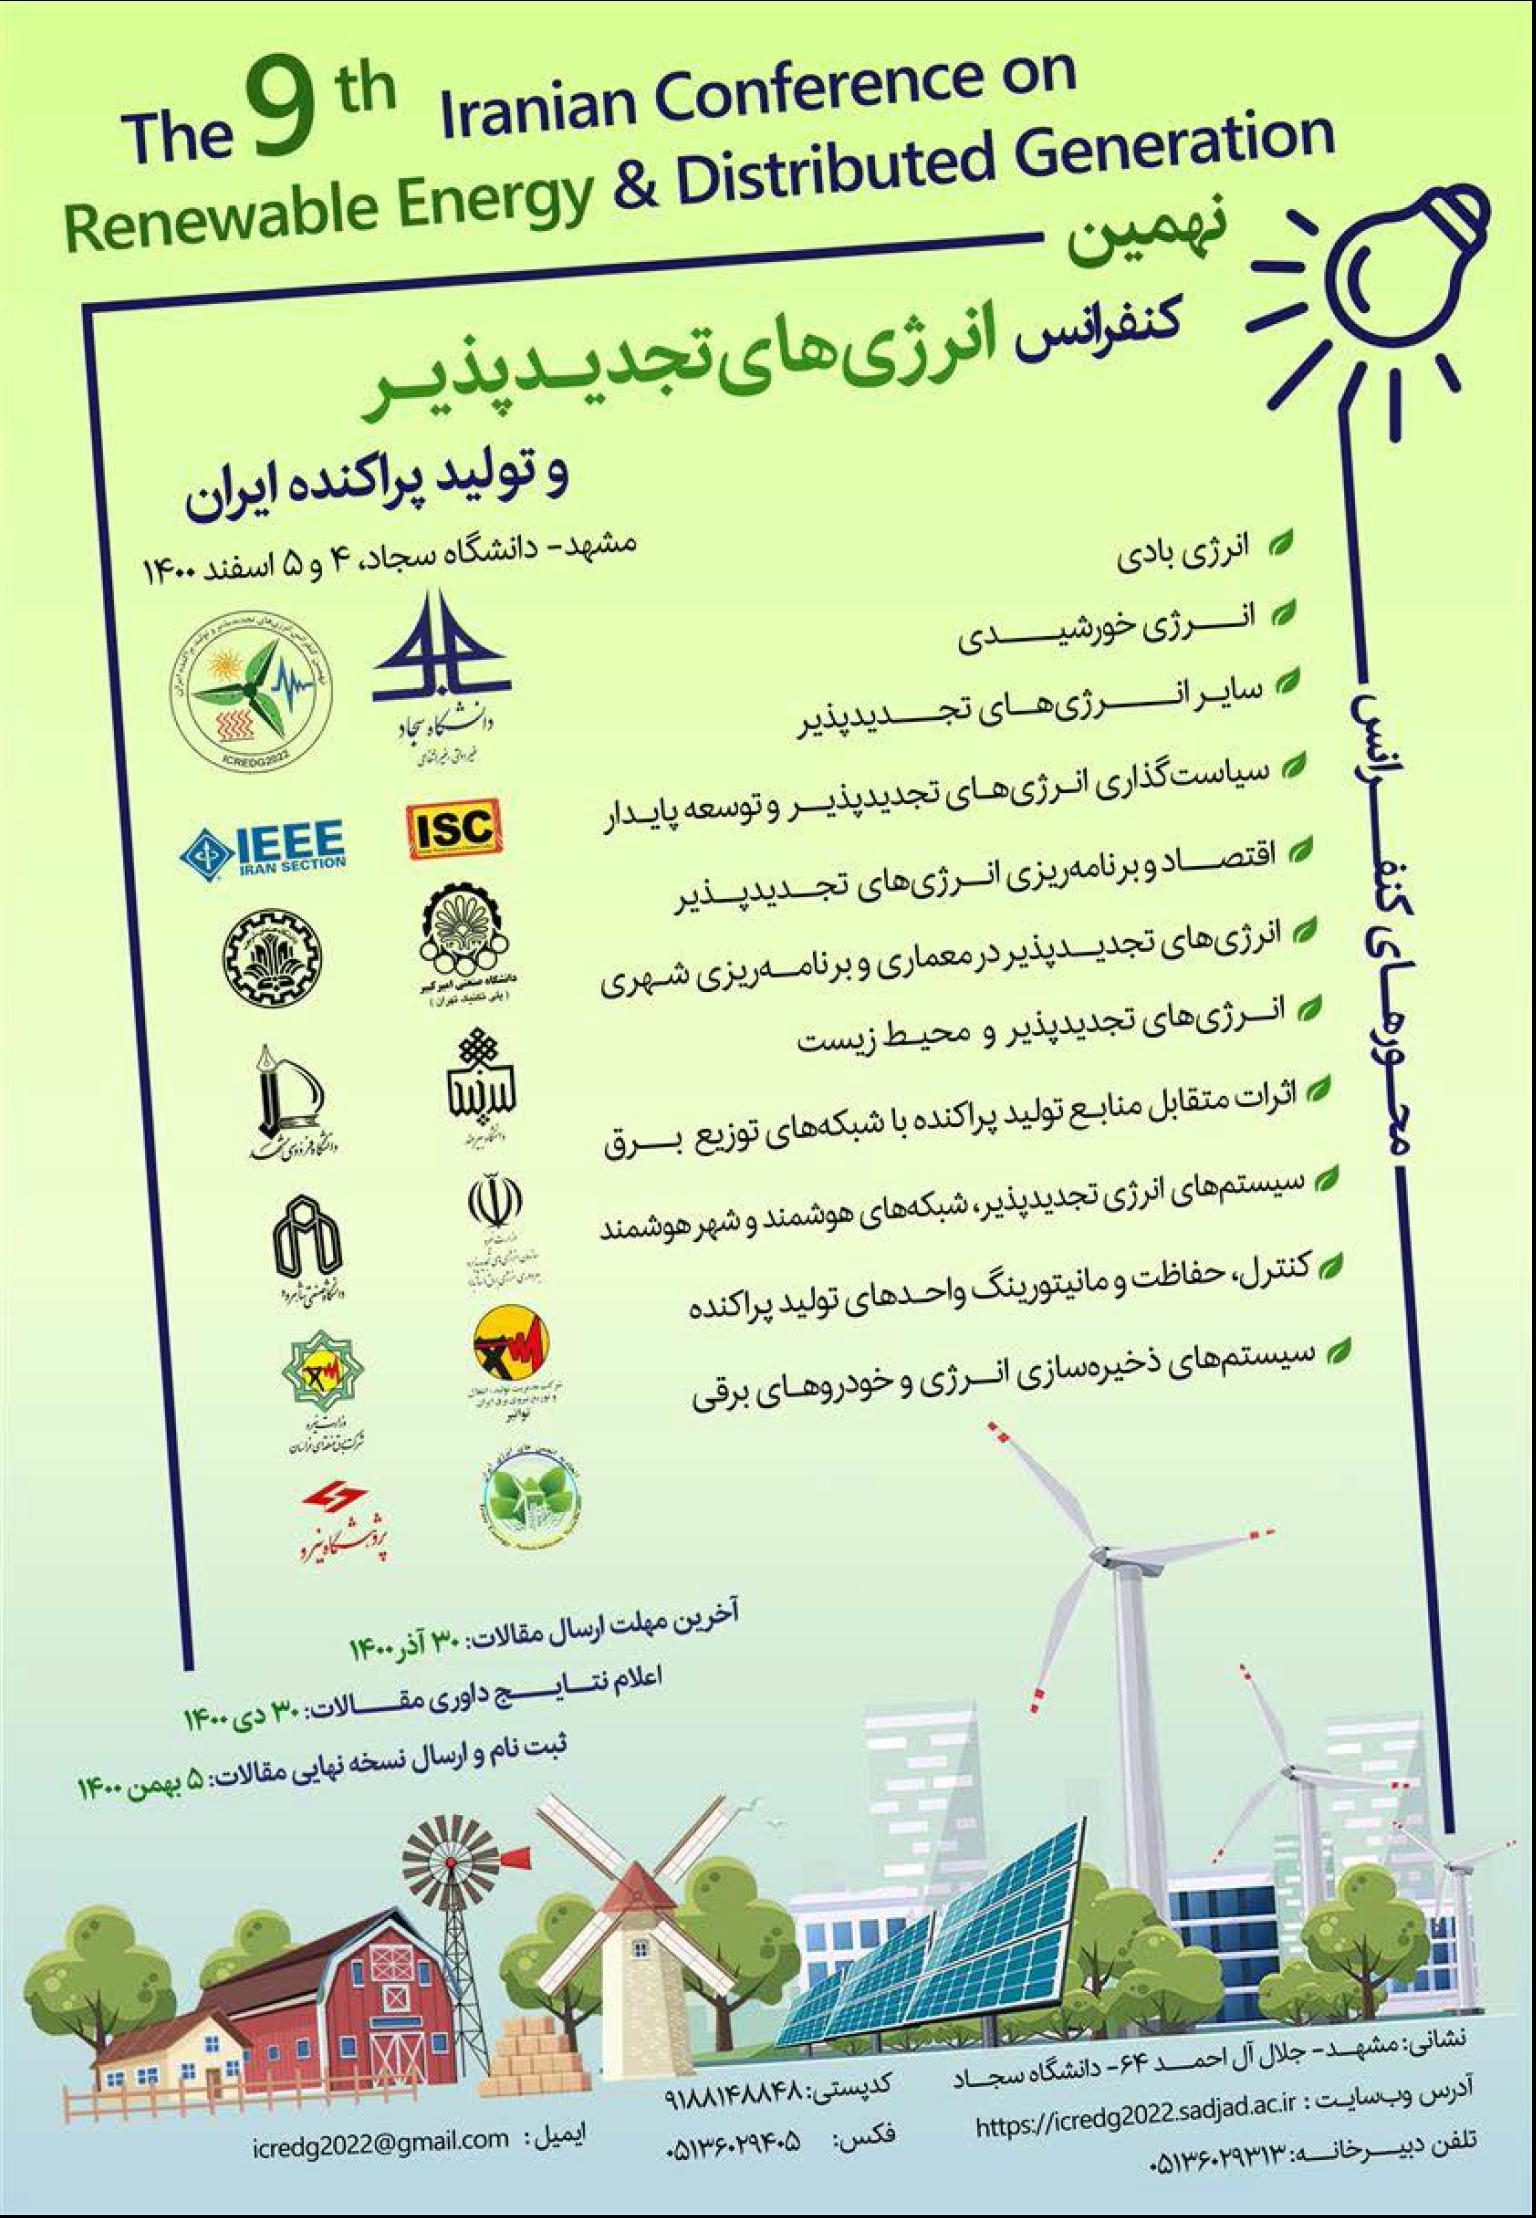 نهمین کنفرانس انرژی های تجدیدپذیر و تولید پراکنده ی ایران